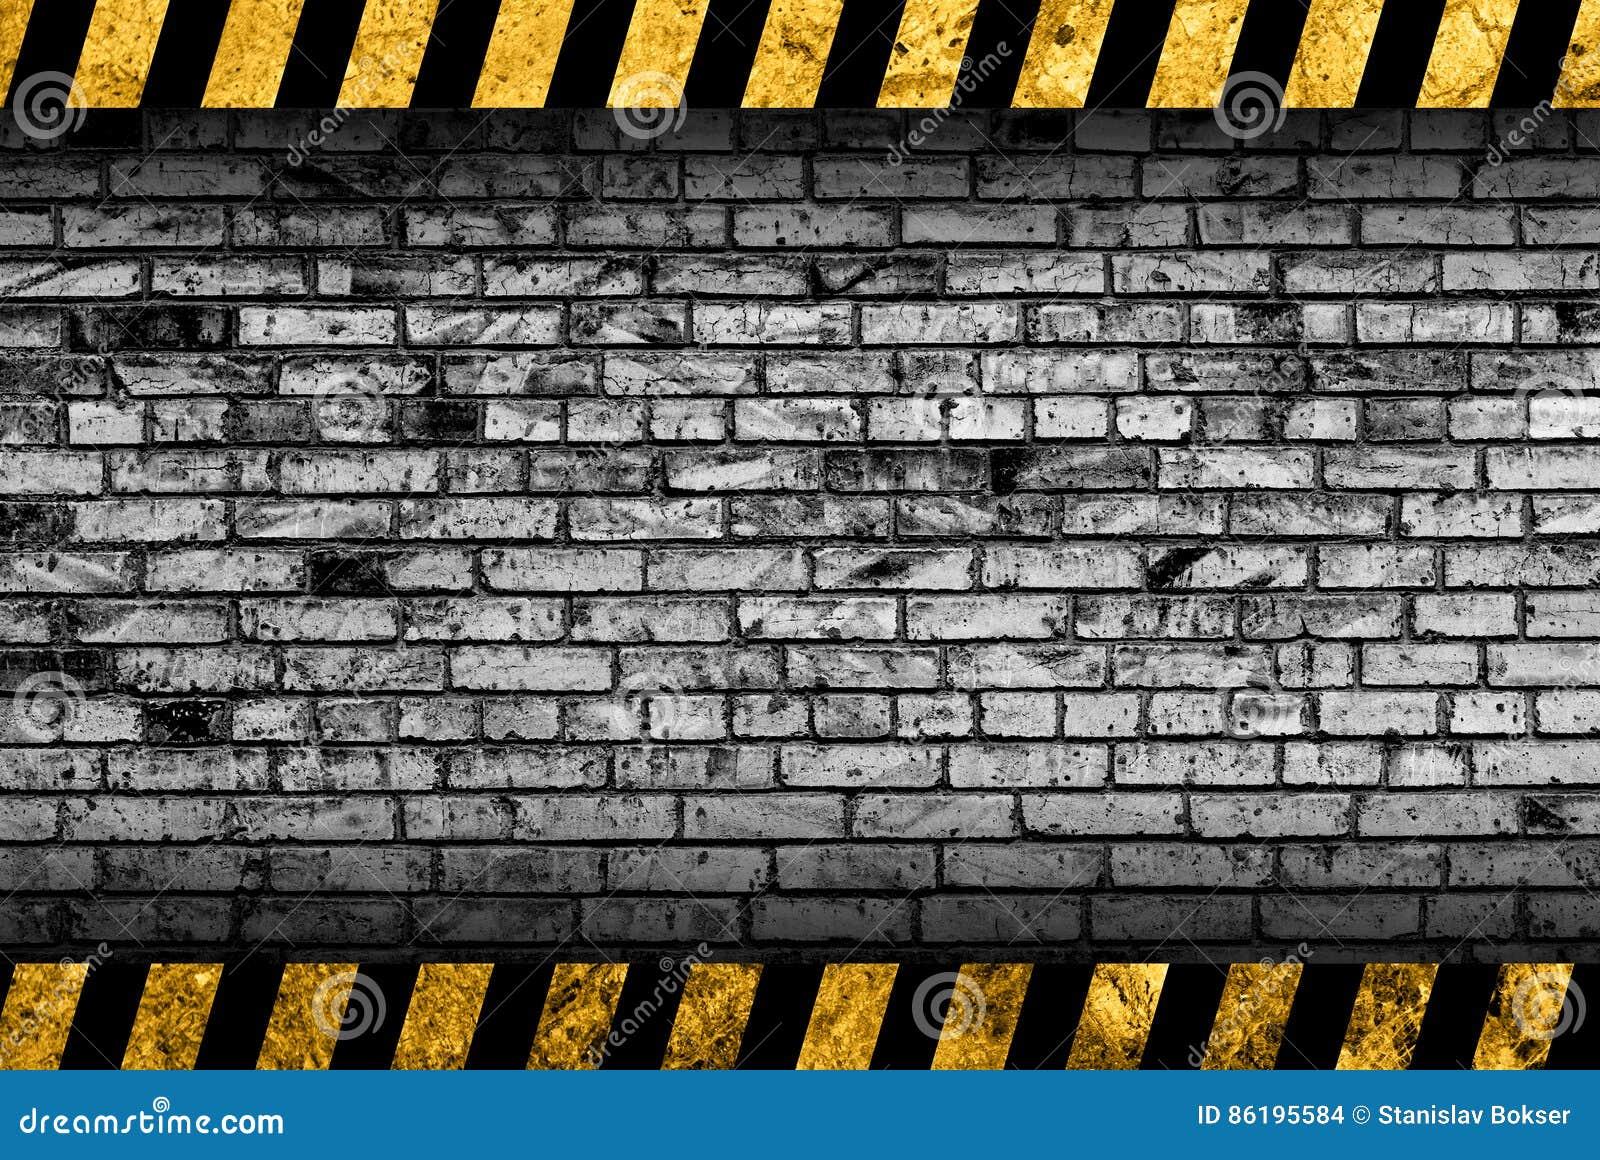 Achtergrond van de Grunge de grijze bakstenen muur met waarschuwingsstrepen